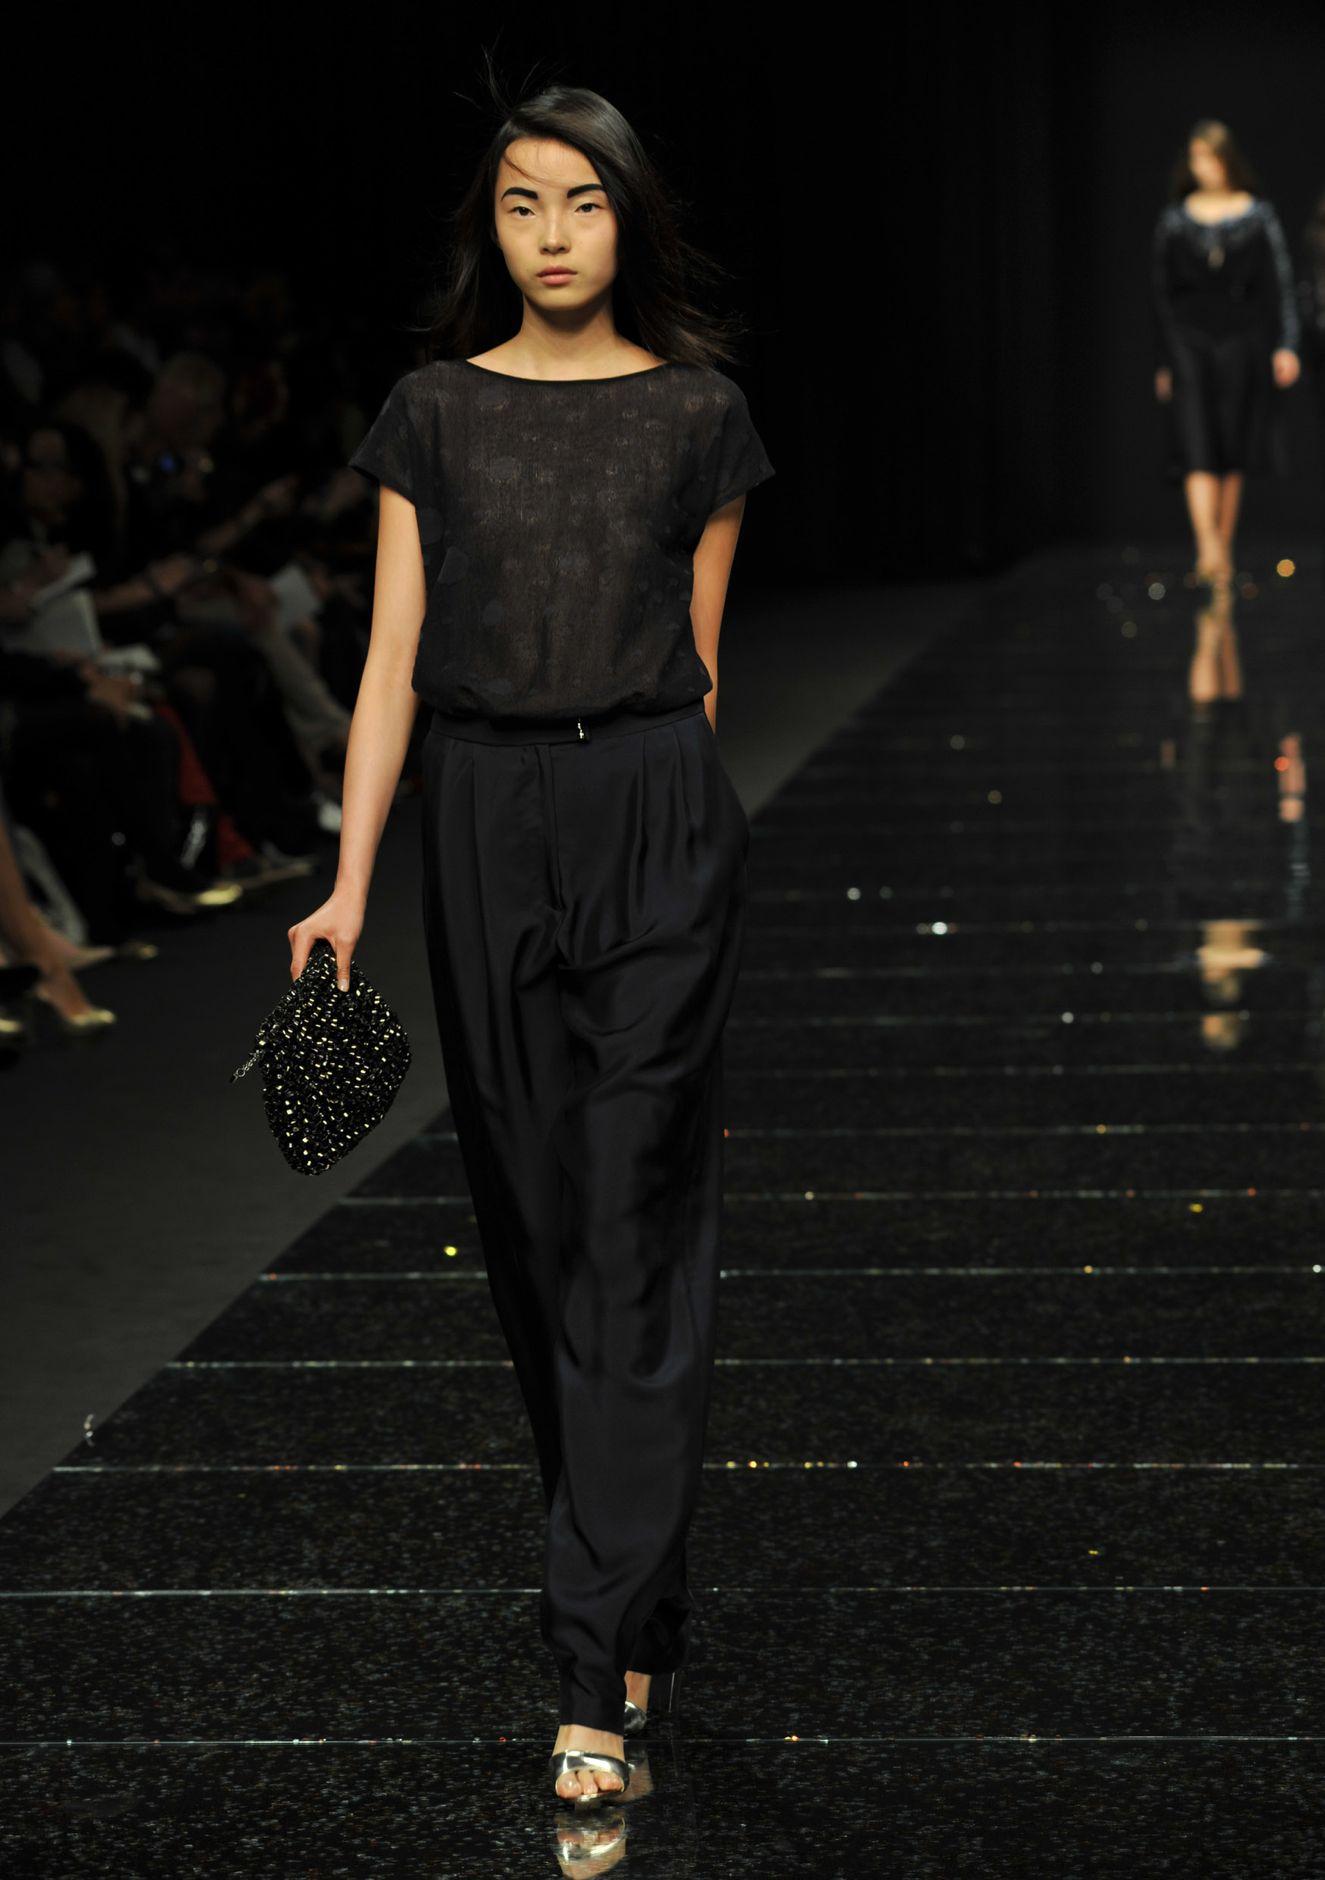 Anteprima Spring 2013 Collection Milan Fashion Week